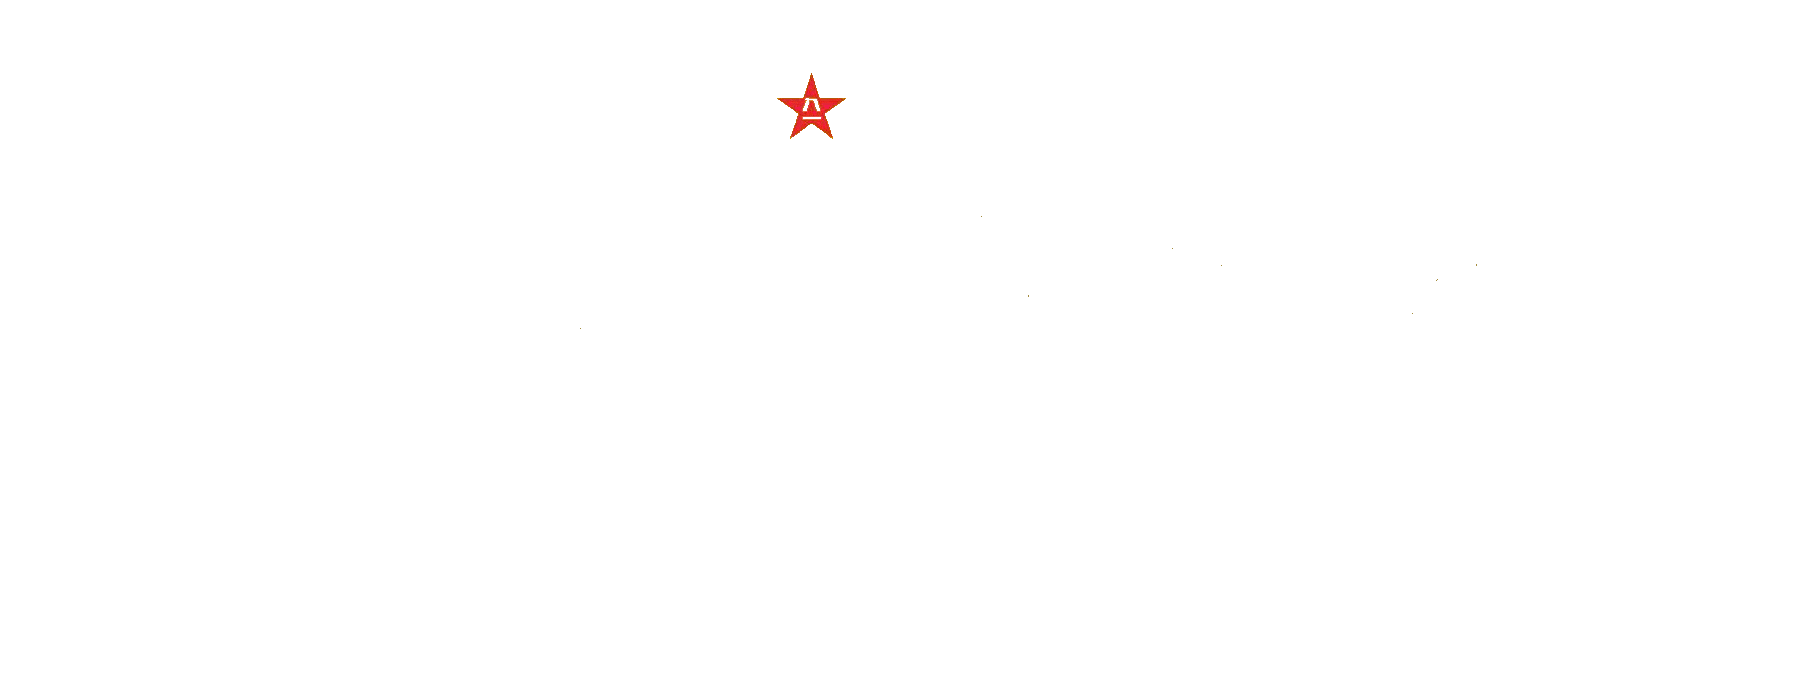 军锋指定官网-提供川藏线自驾游大全,川藏线旅游价格